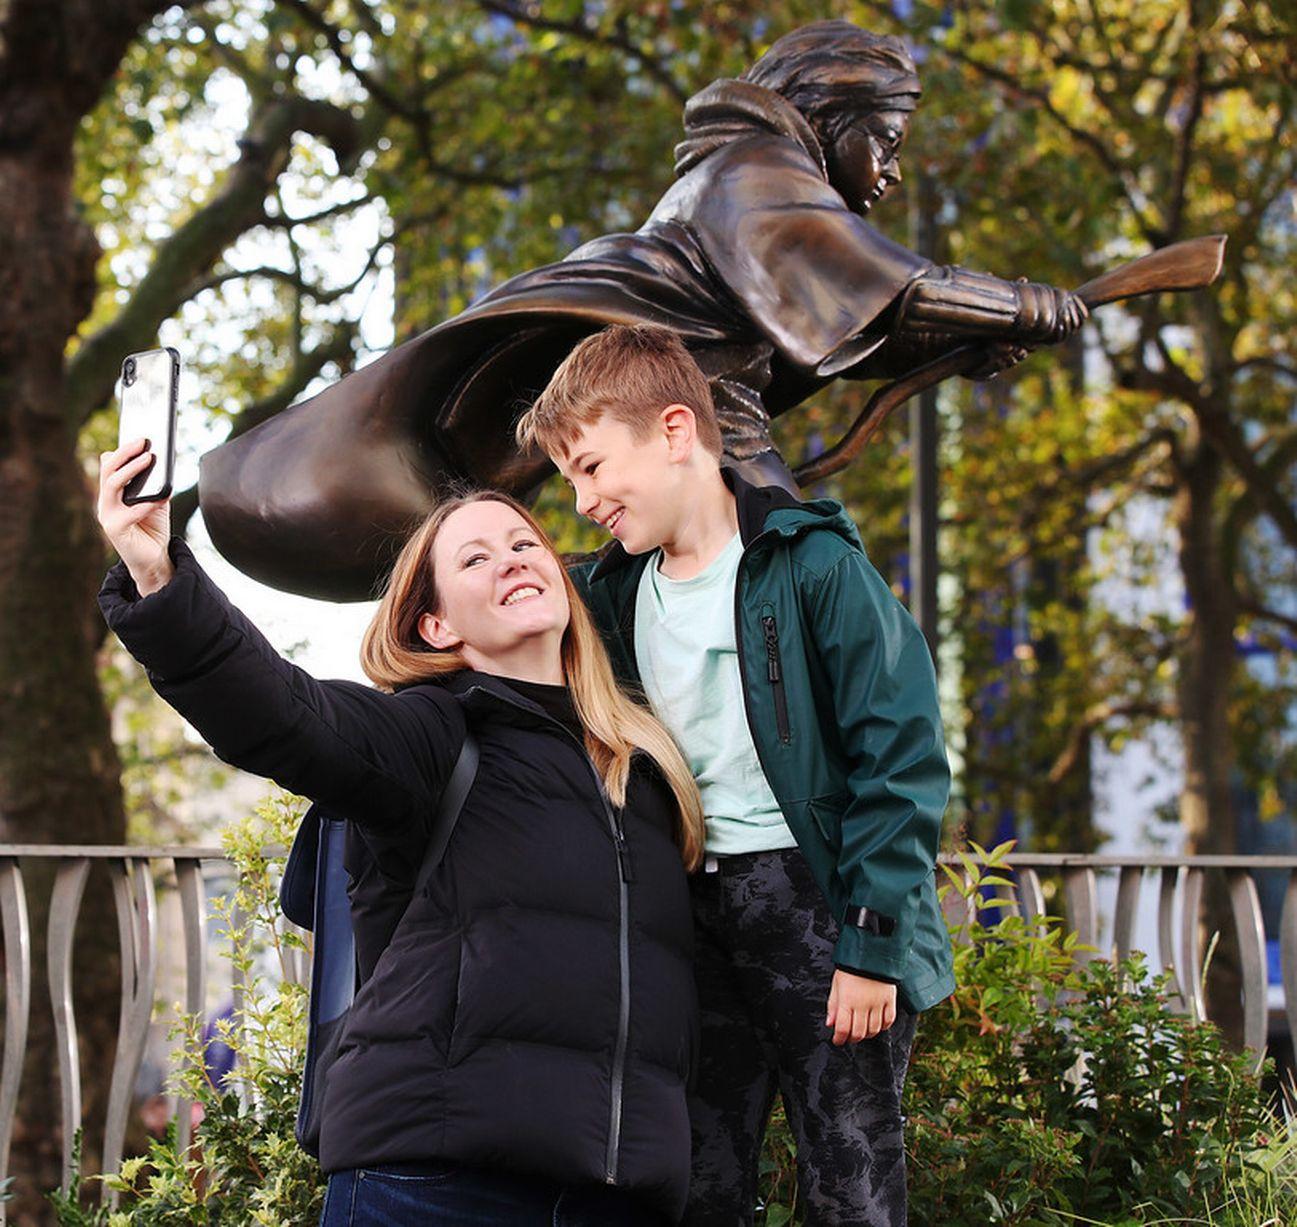 سيلفى طفل ووالدته مع تمثال هارى بوتر